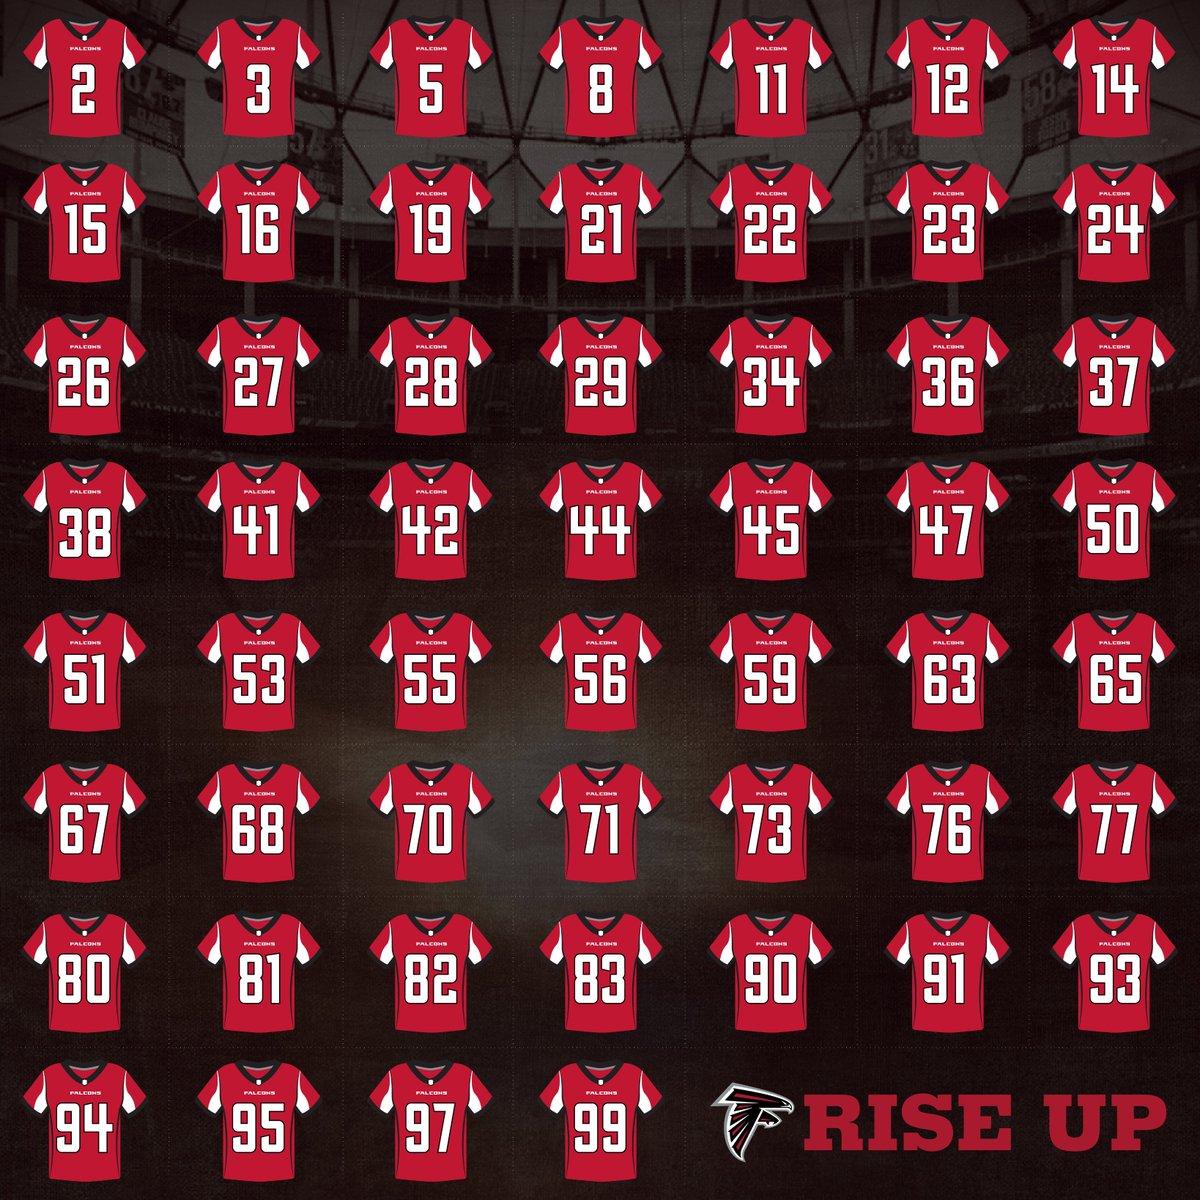 Wholesale NFL Jerseys - FalconsKelsey (@FalconsKelsey) | Twitter